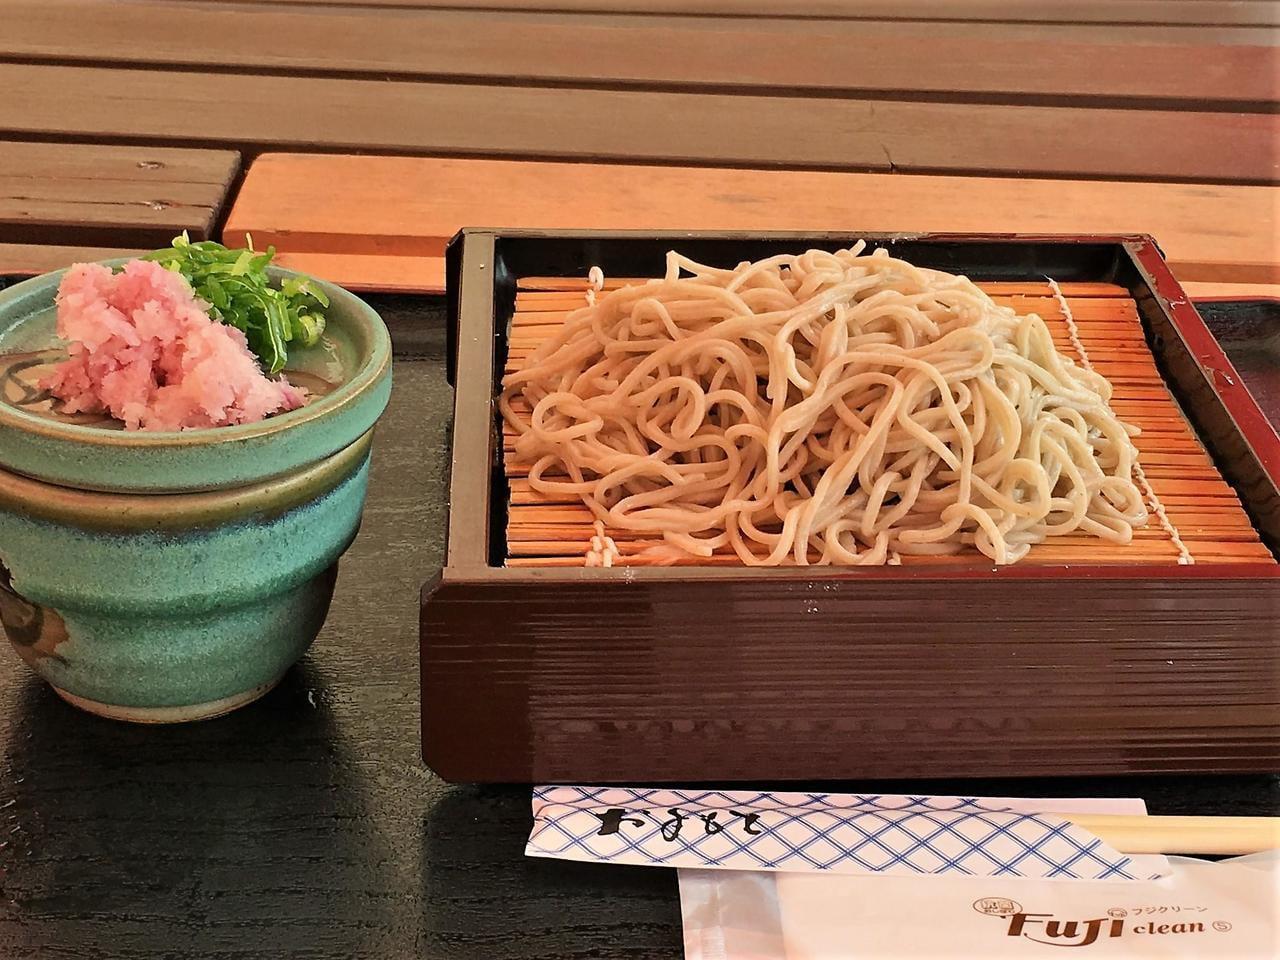 【無農薬夢そば】の「新そばまつり」が開催される!2018年11月23日(金)~25日(日)